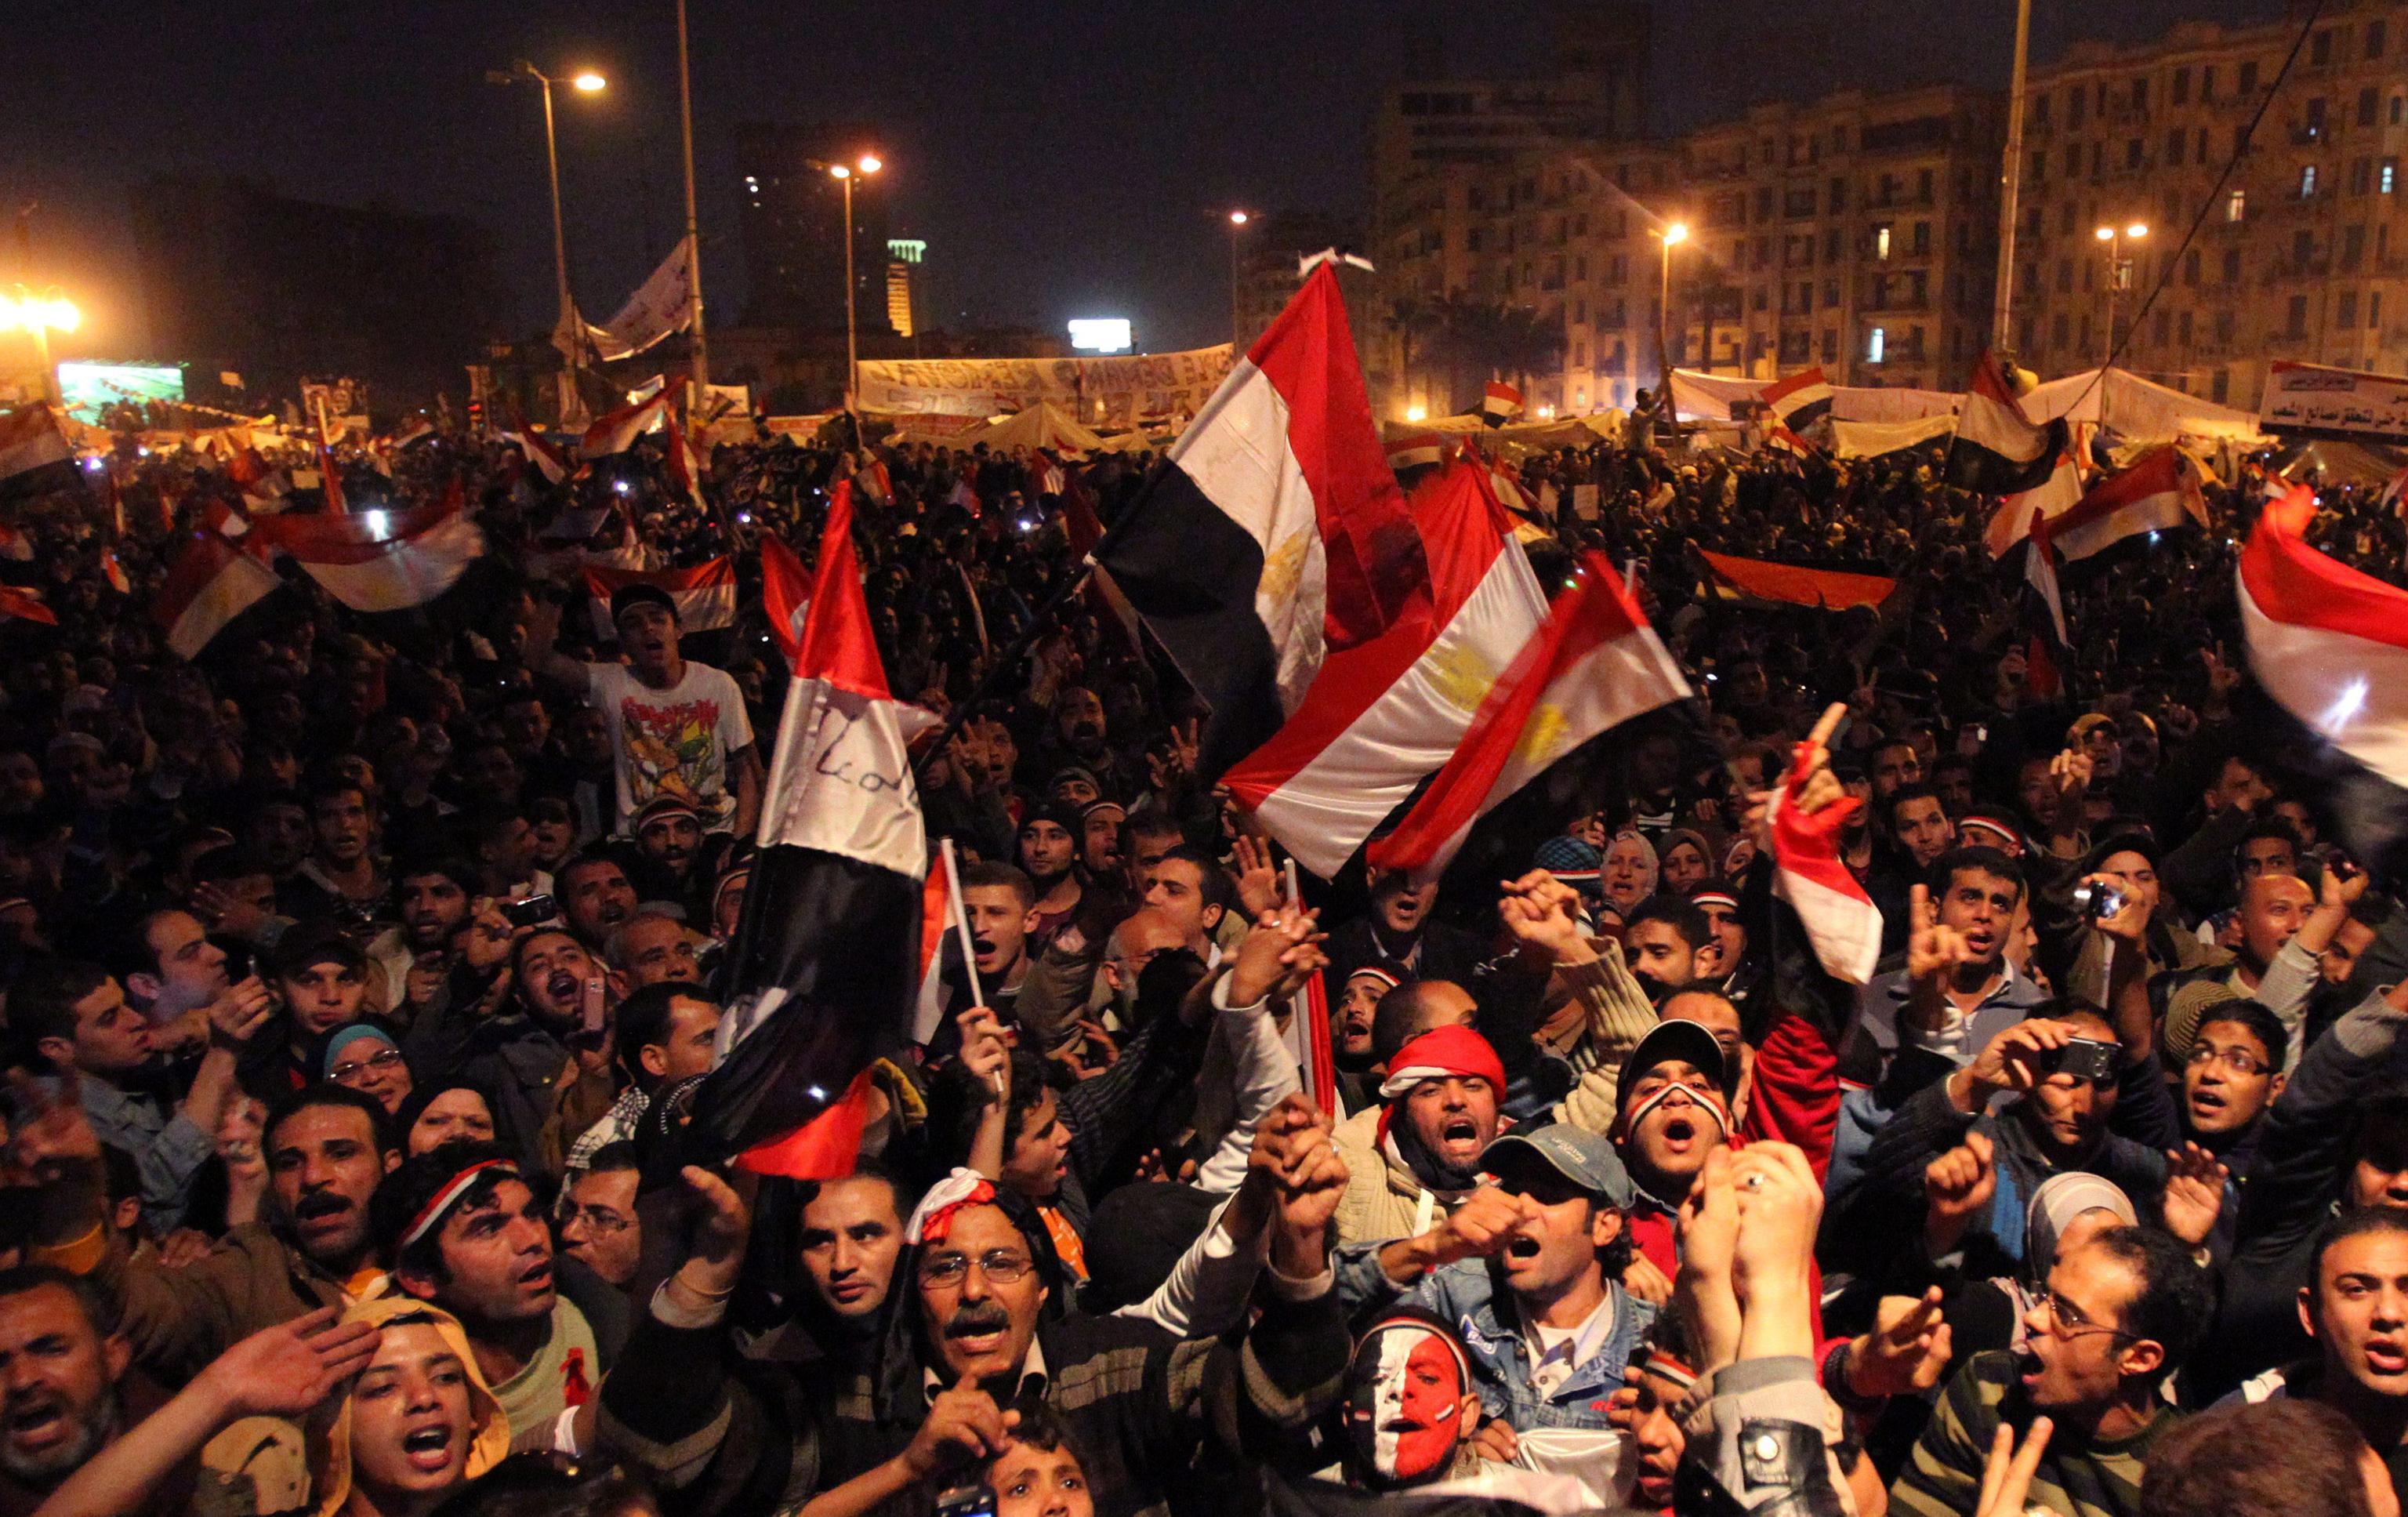 Proteste in Egitto - Siamo di fronte a una nuova primavera araba?